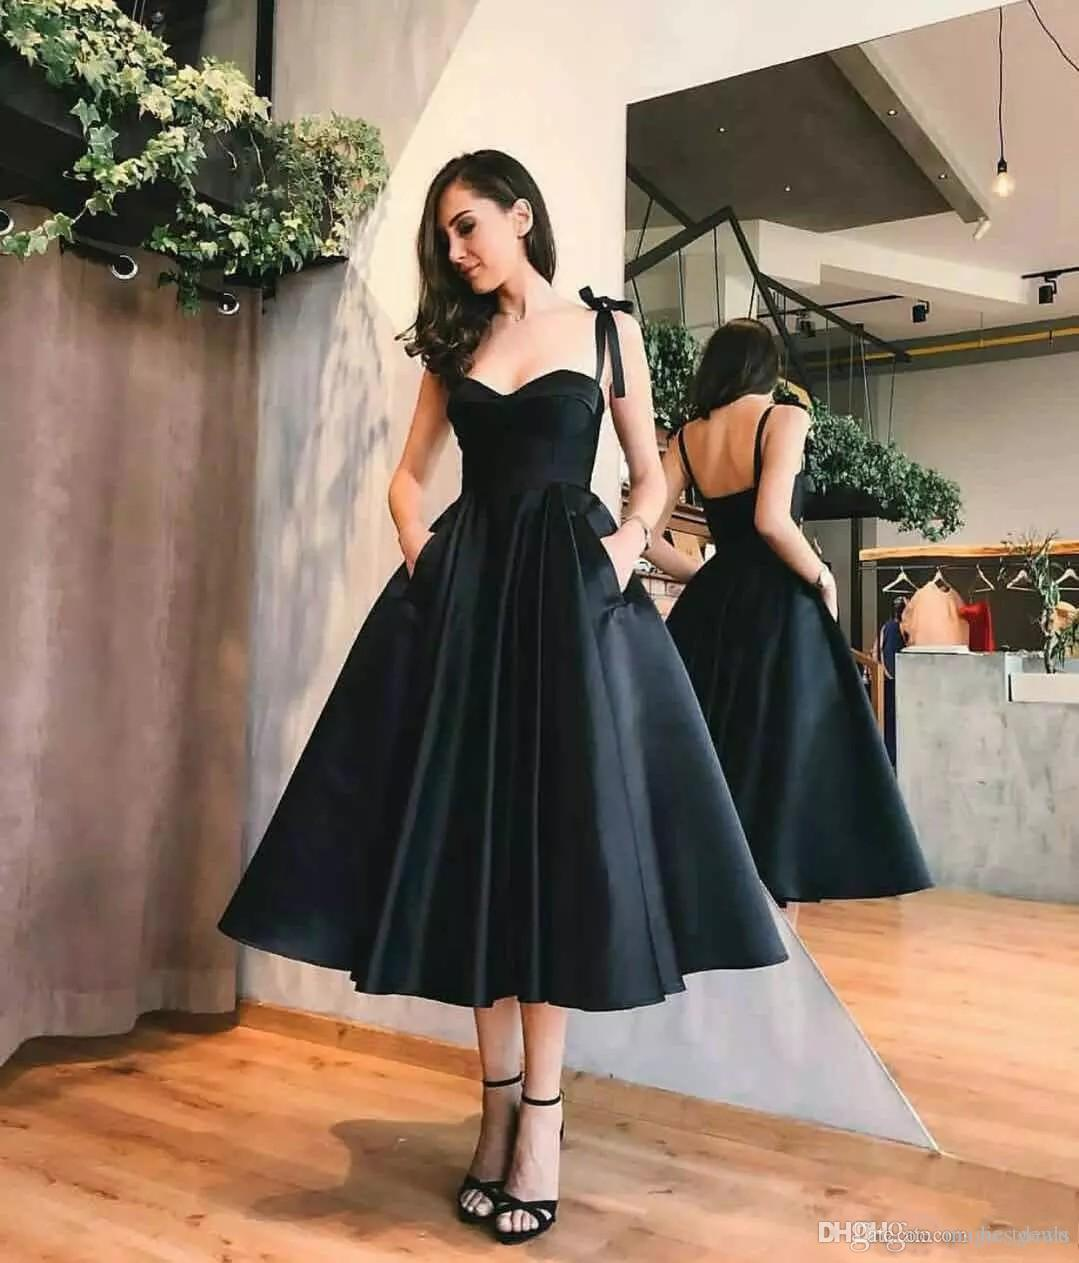 Новейшее Маленькое Черное Платье Выпускного Вечера Линии Спагетти Ремни Классический Дизайн Длина Чая Черные Вечерние Платья Формальные Платья для вечеринок robes de soirée